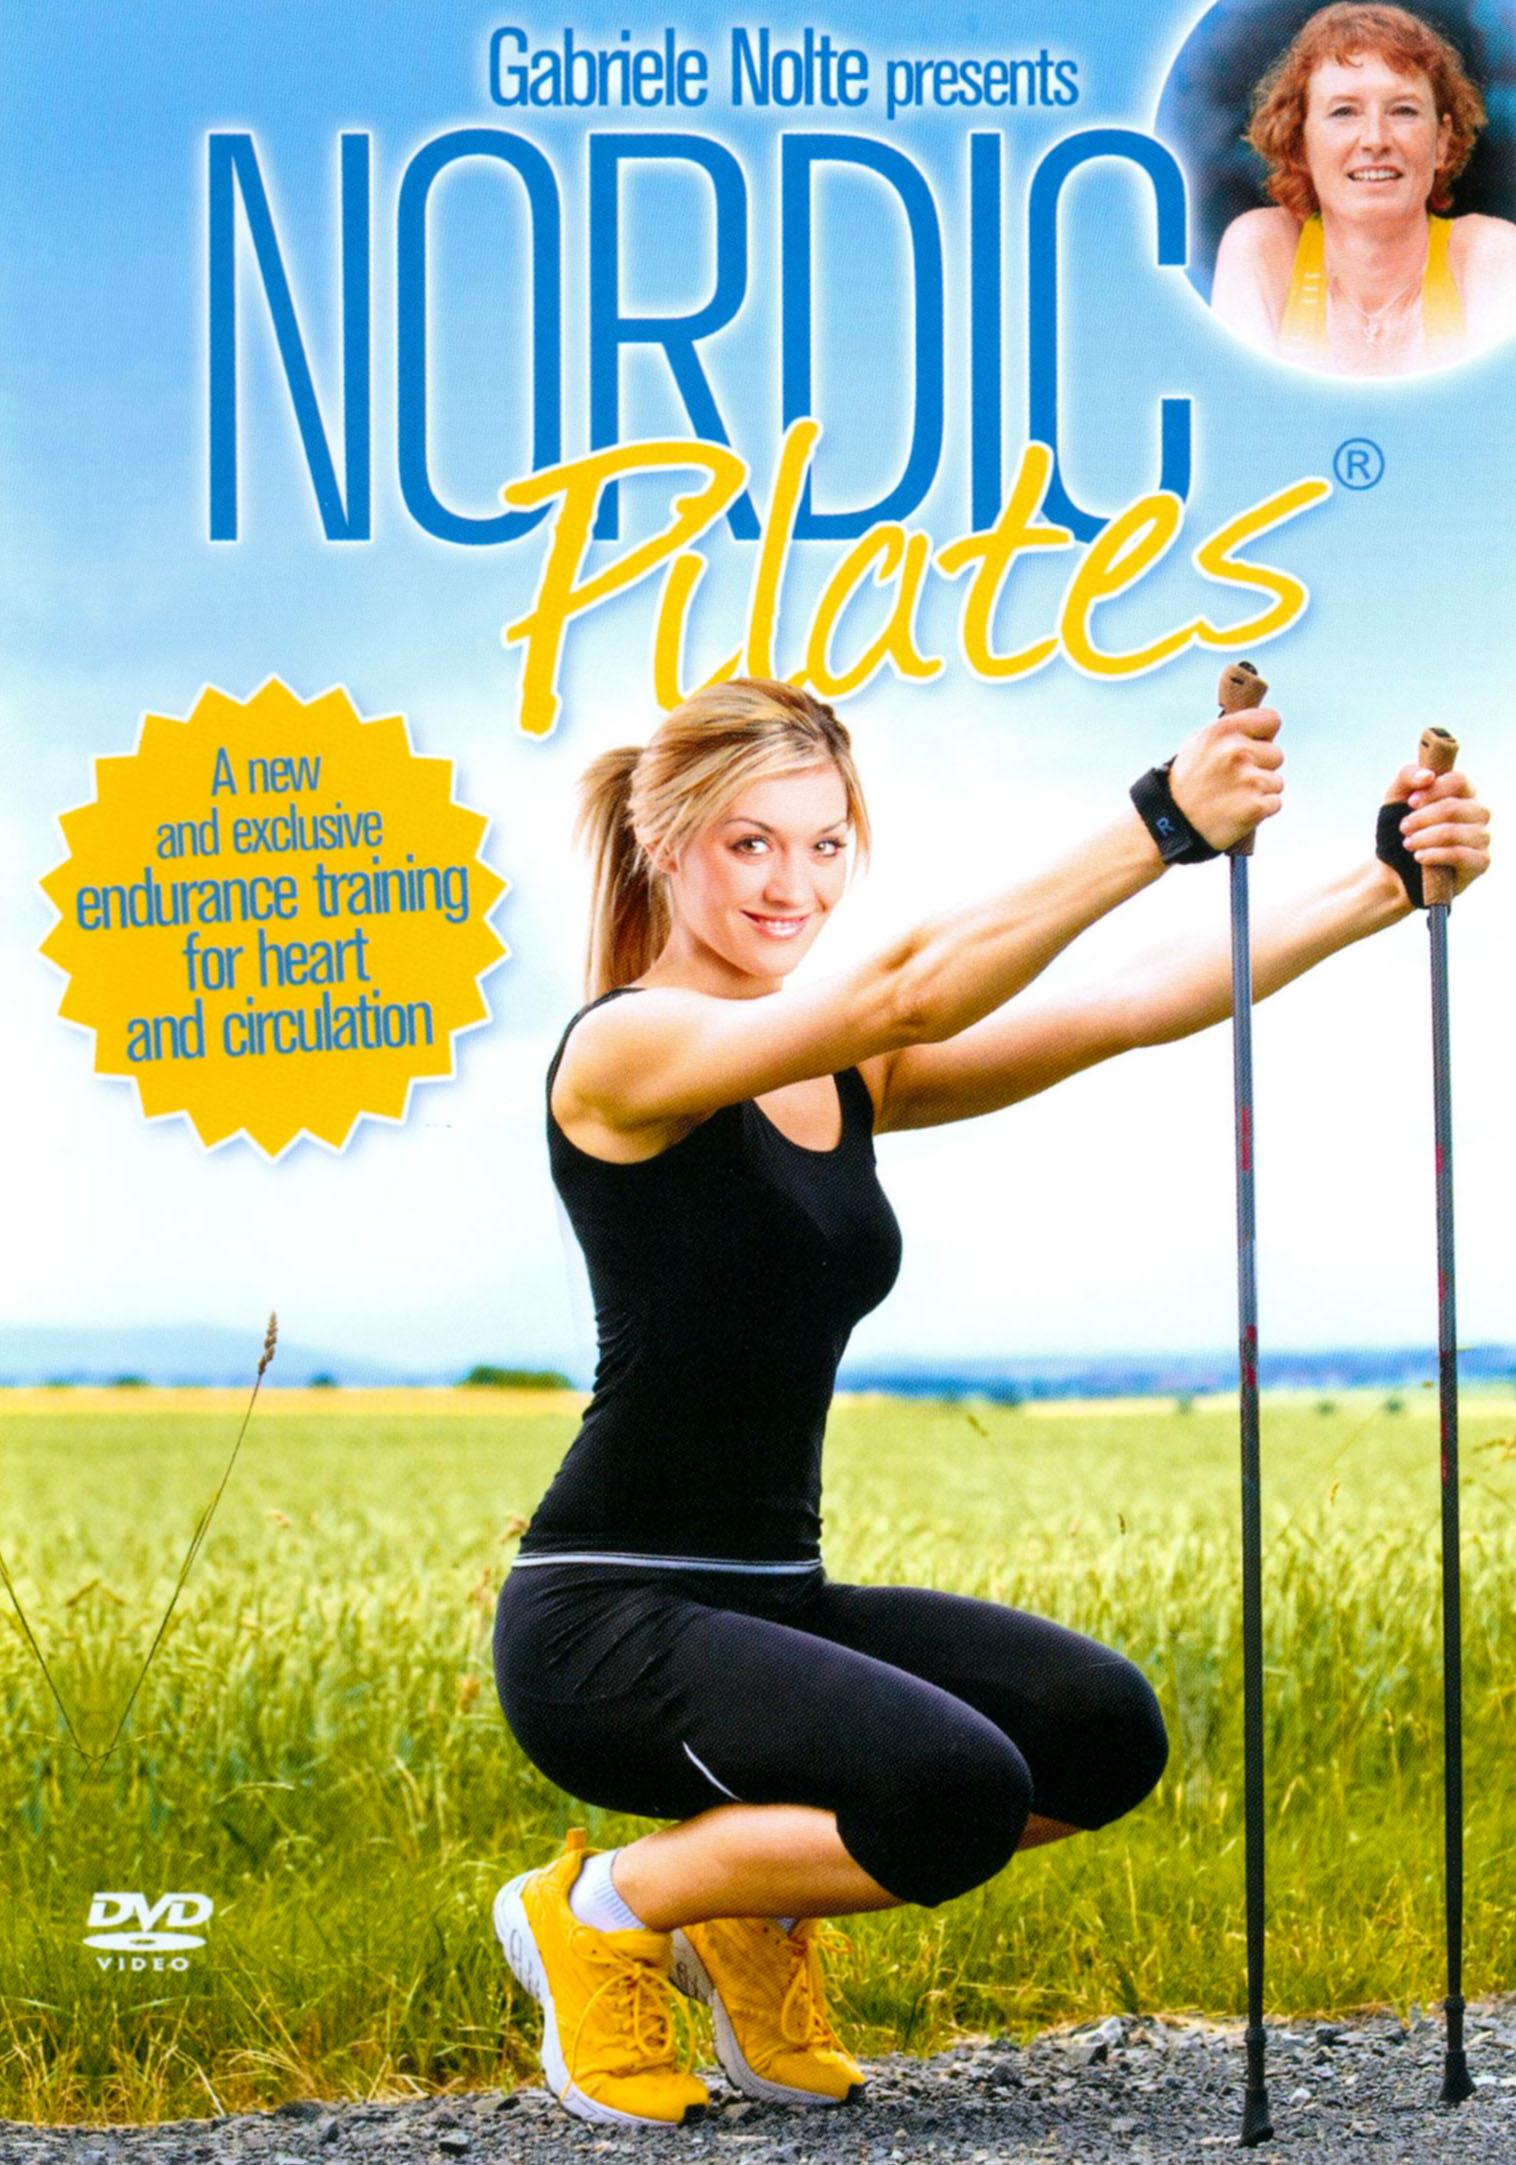 Gabriele Nolte Presents: Nordic Pilates